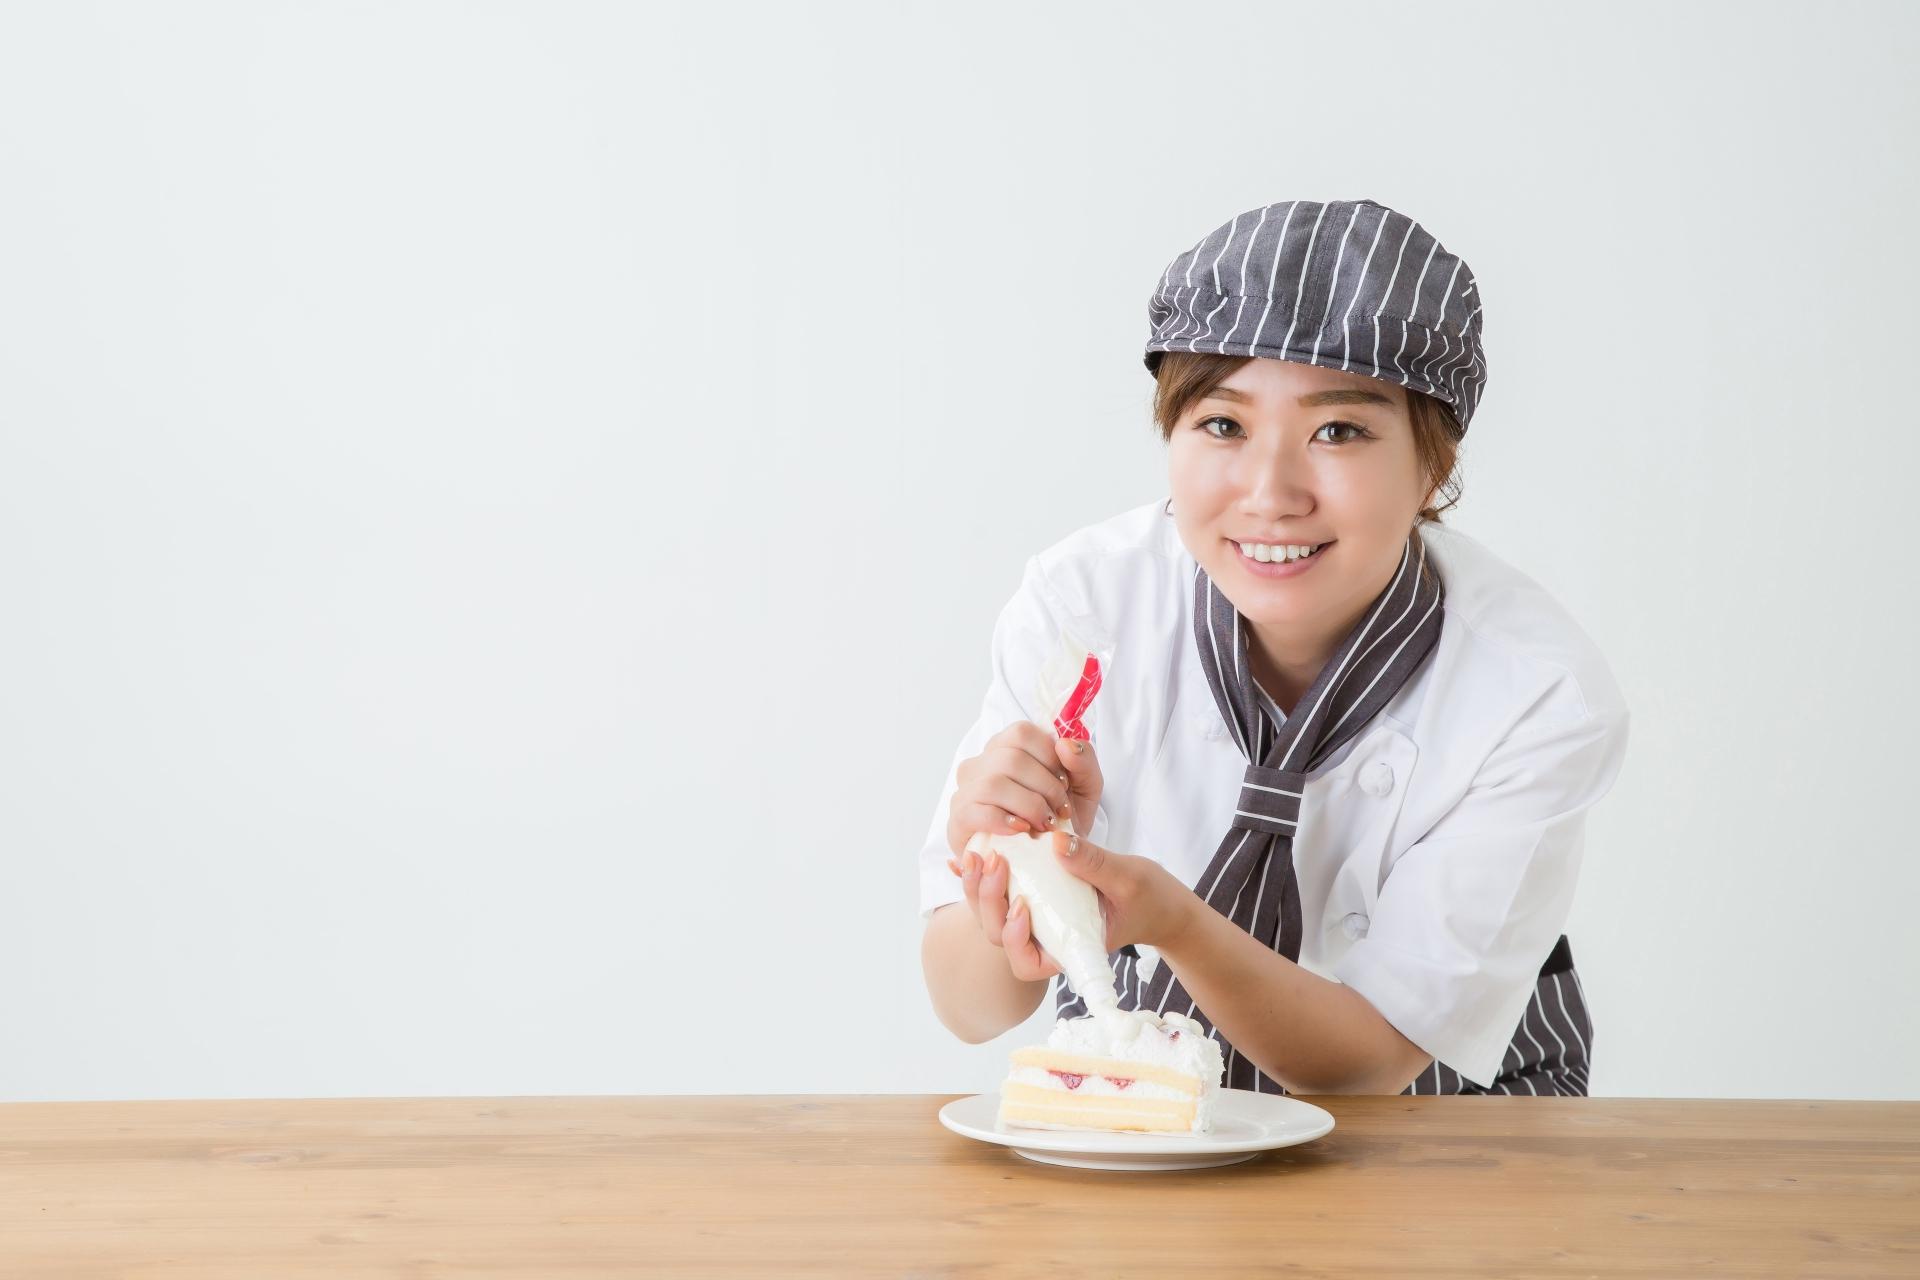 ケーキをつくる女性のイメージ